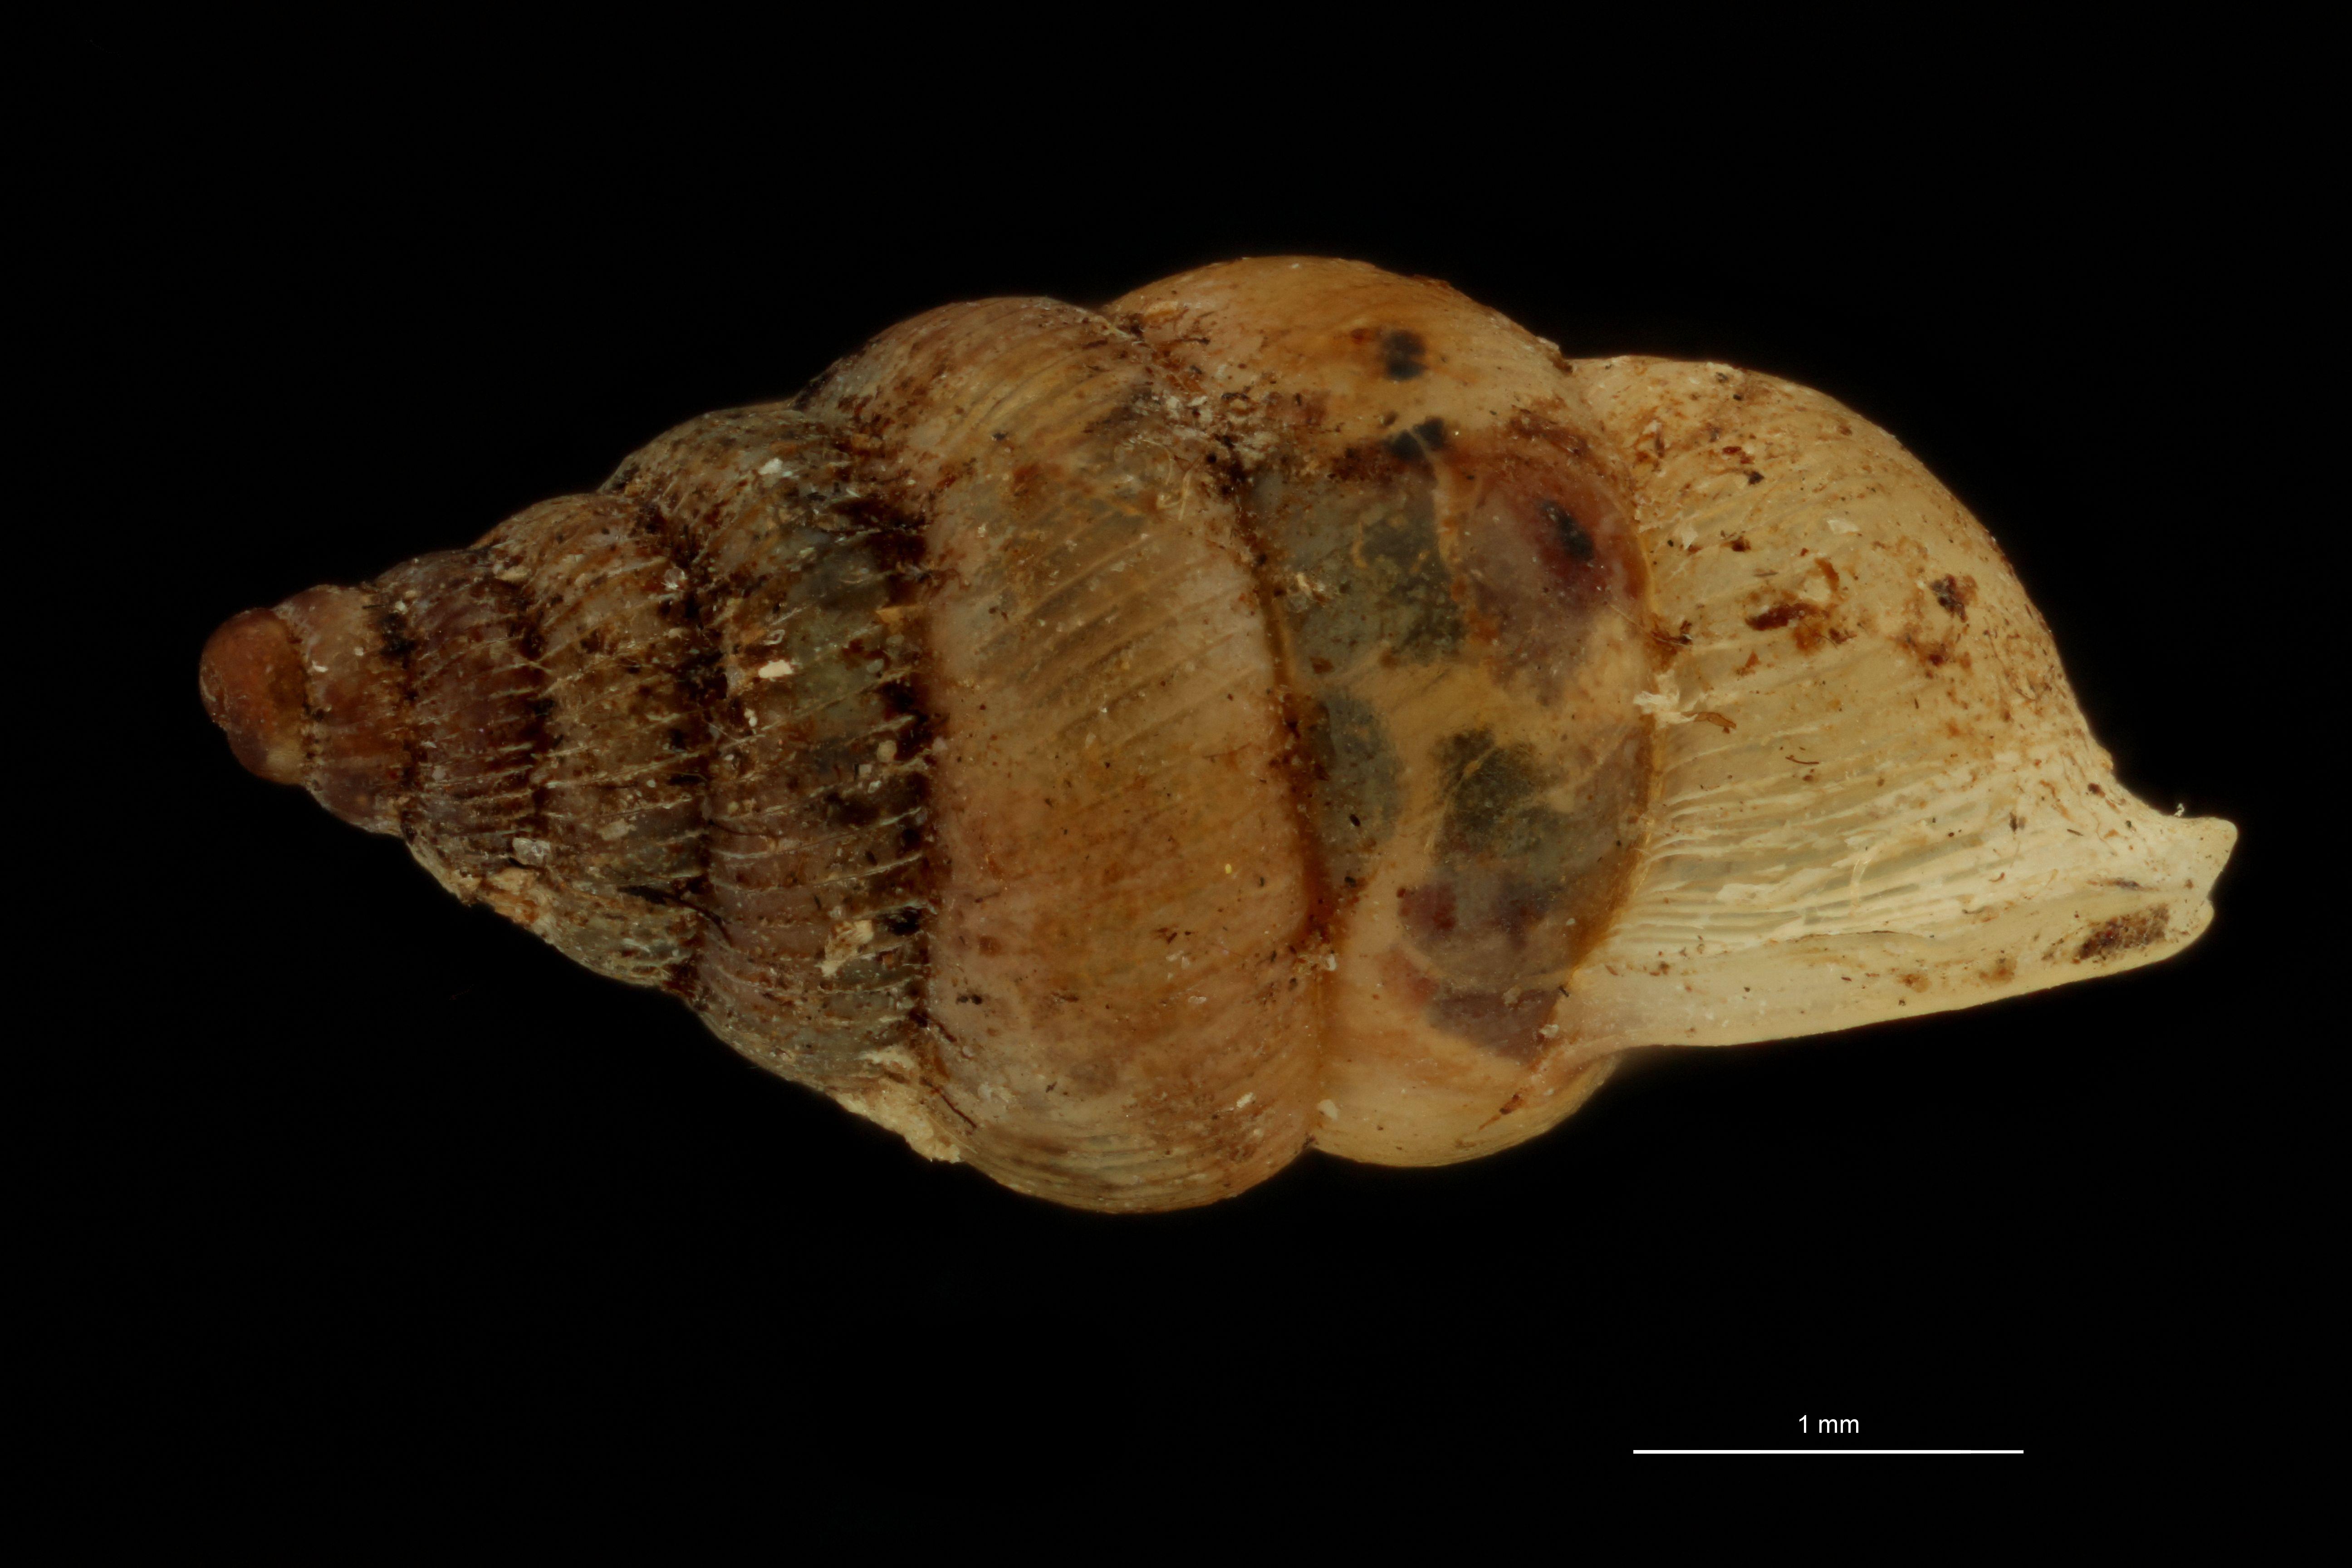 Diplommatina germaini pt L.jpg